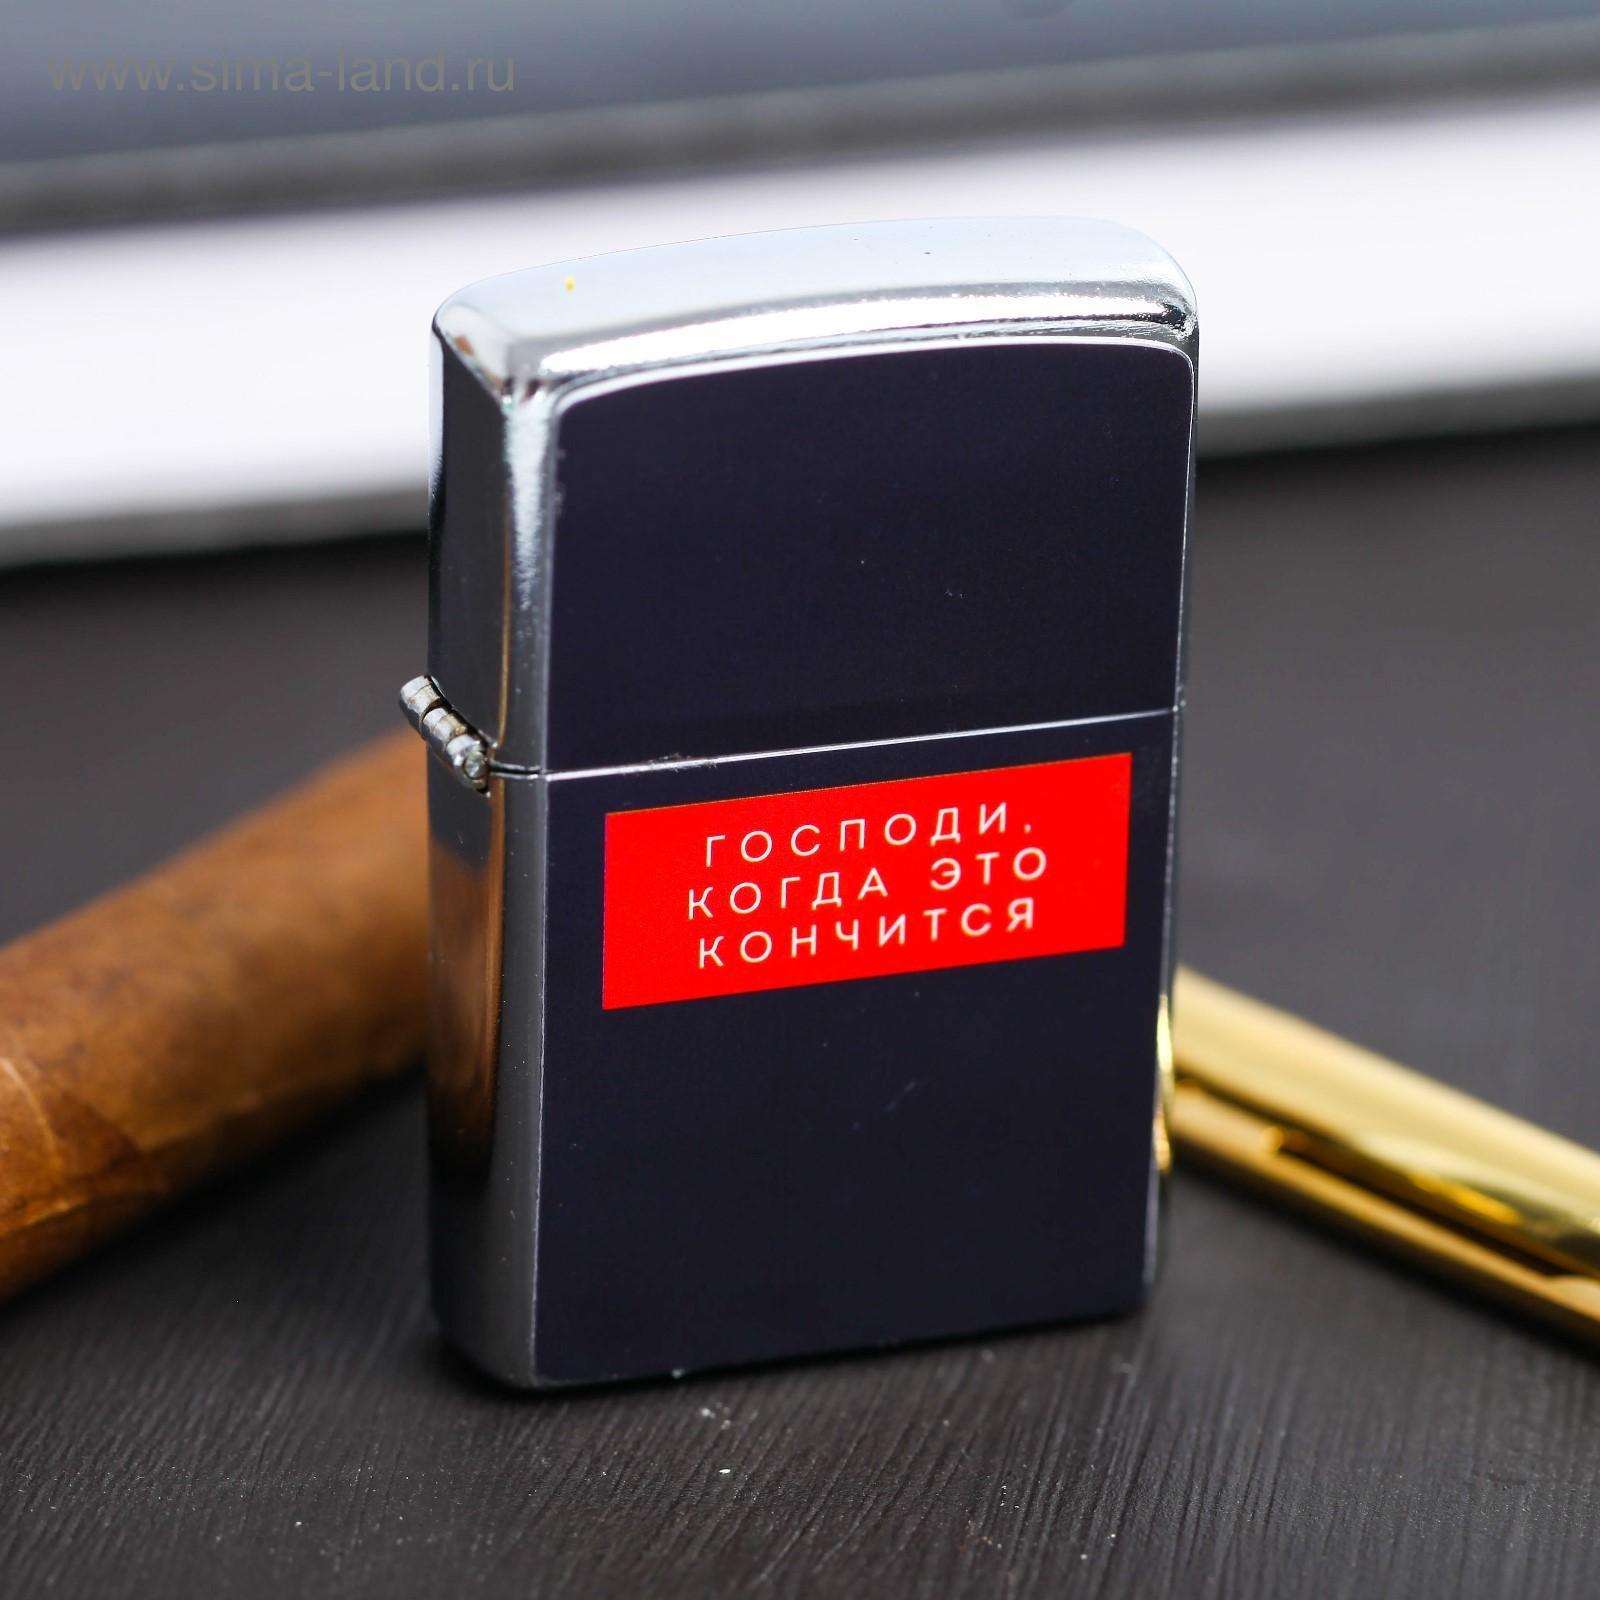 Зажигалки это табачные изделия что такое некурительное табачное изделие